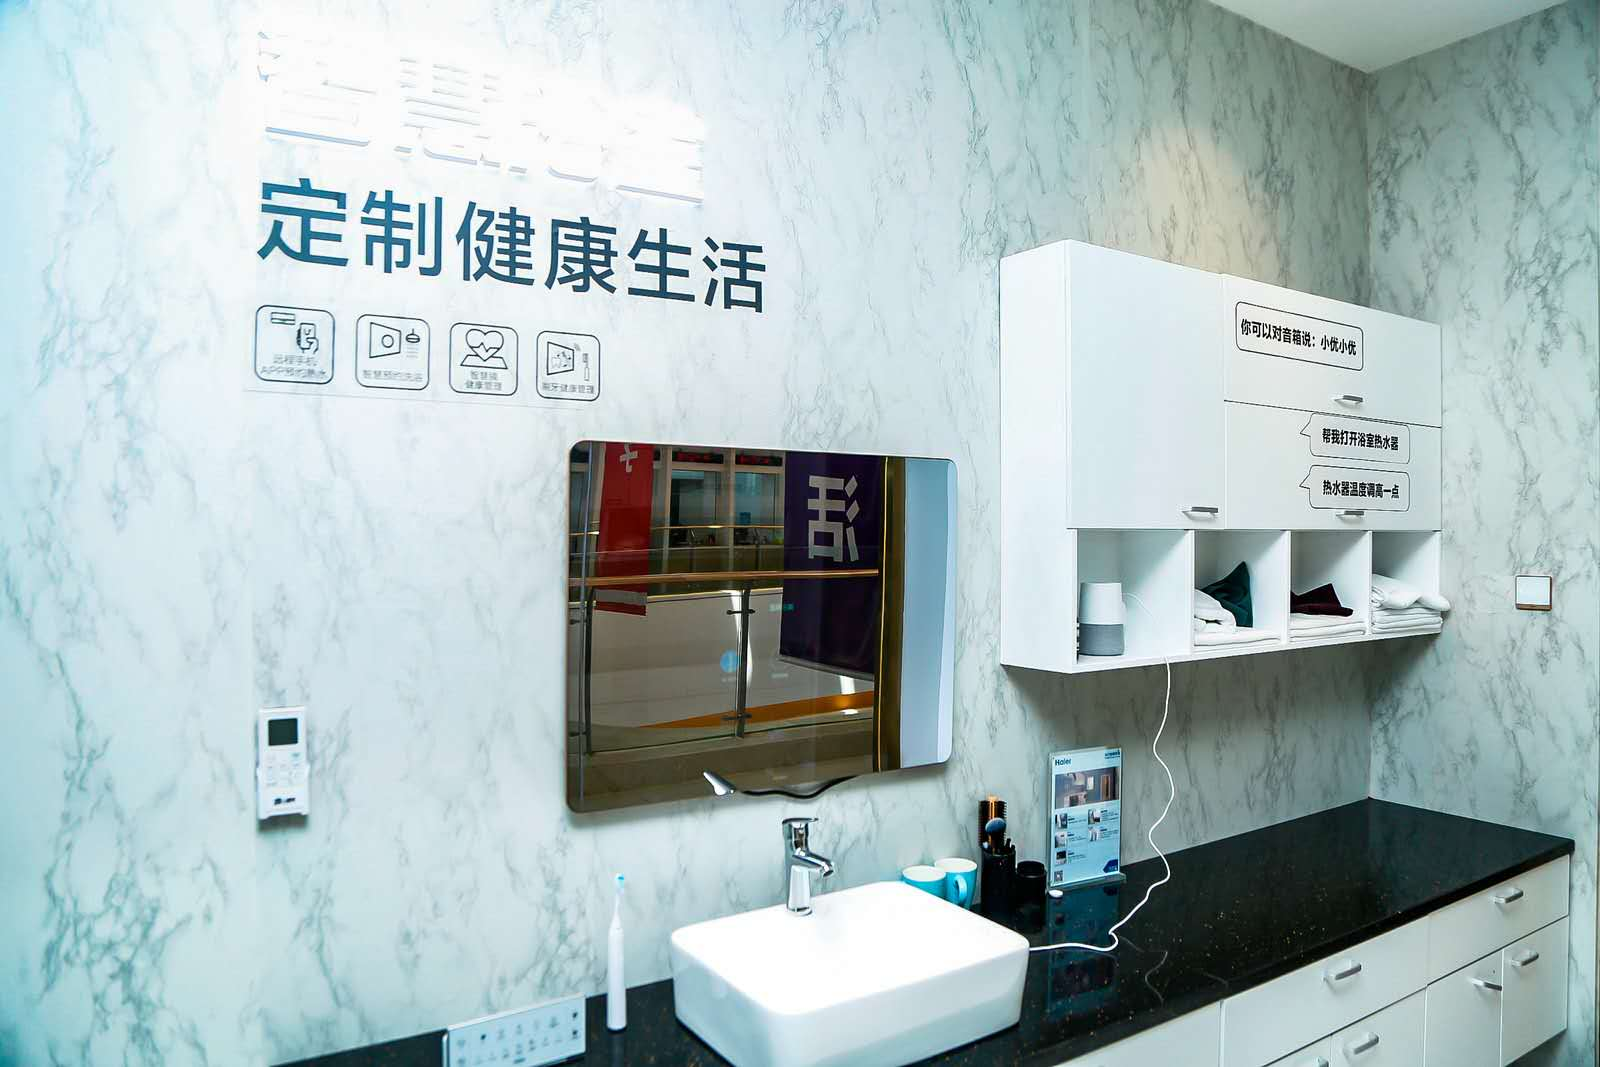 """小语的智慧生活日记:邂逅""""魔镜"""",趣享智慧浴室"""